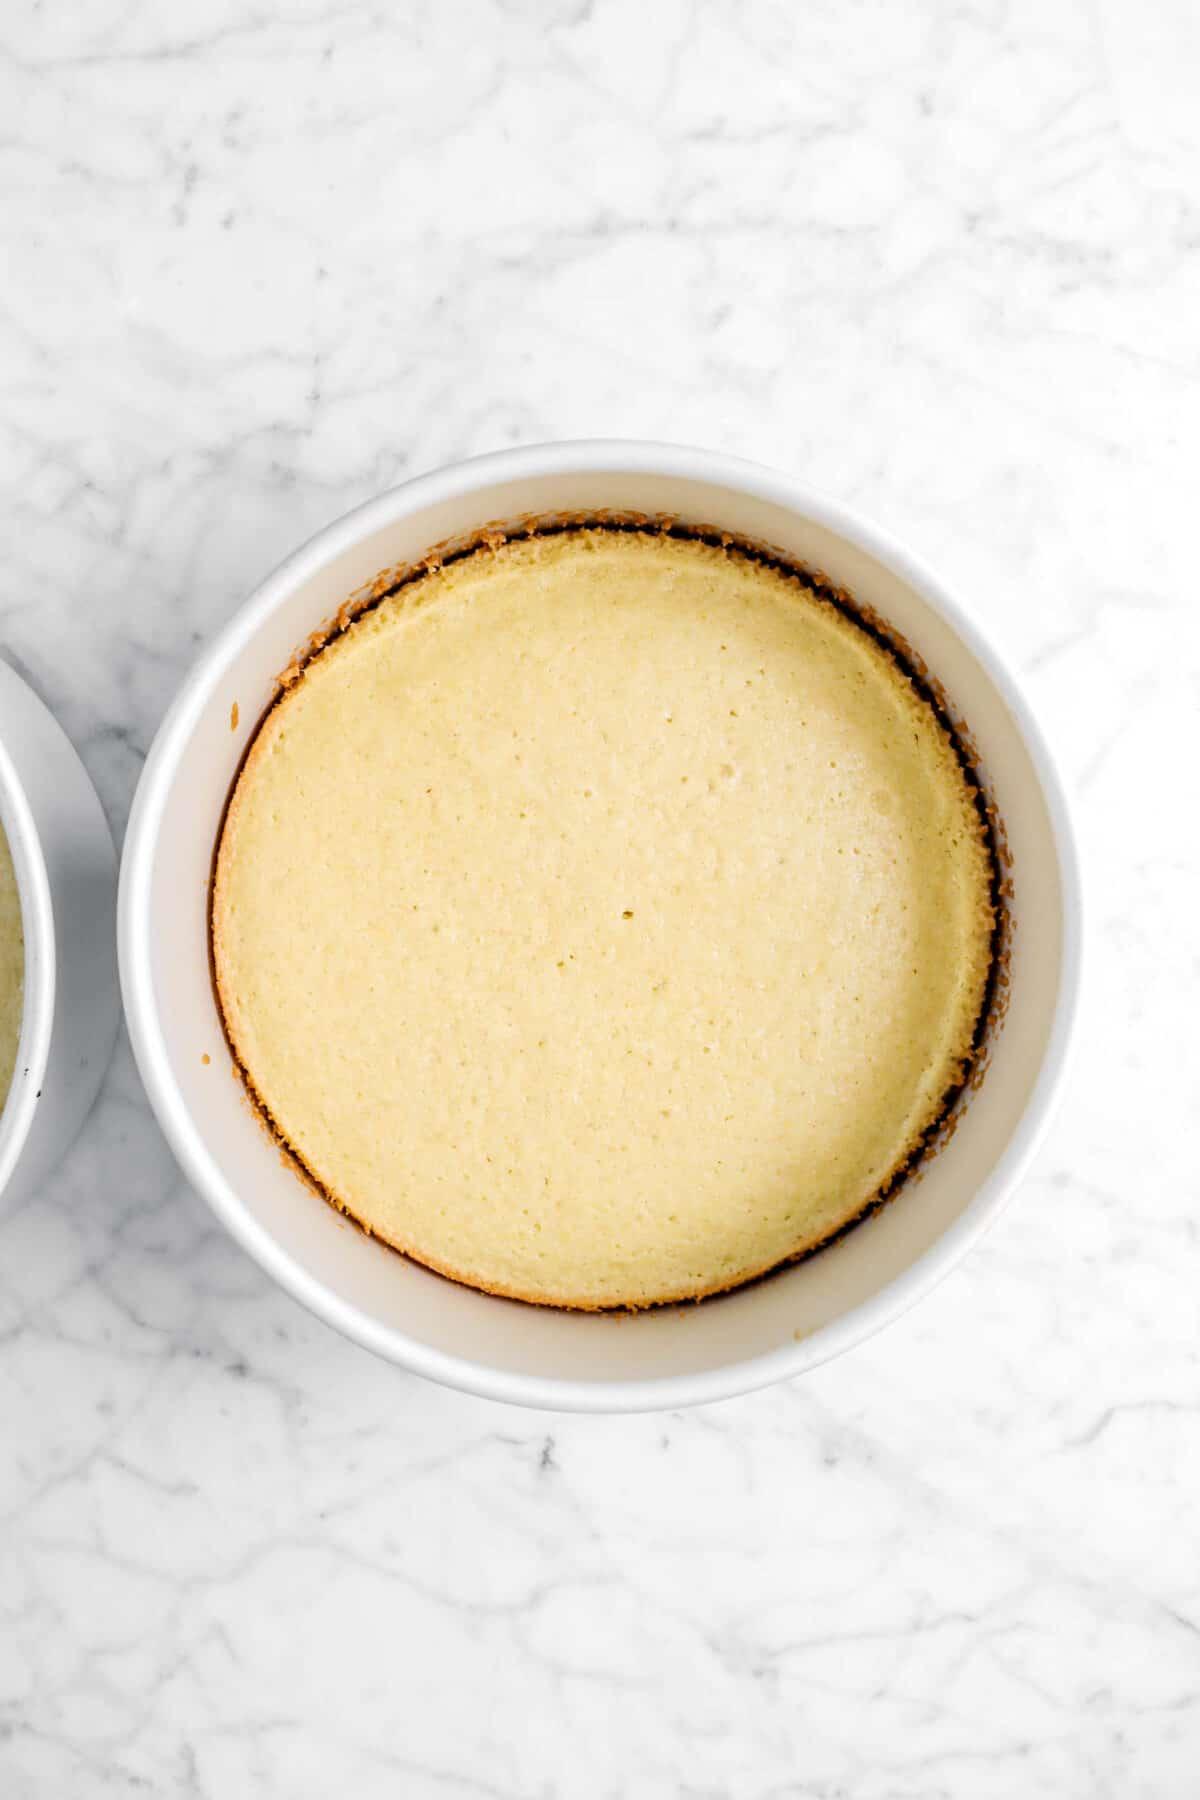 baked cake layer in circle cake pan